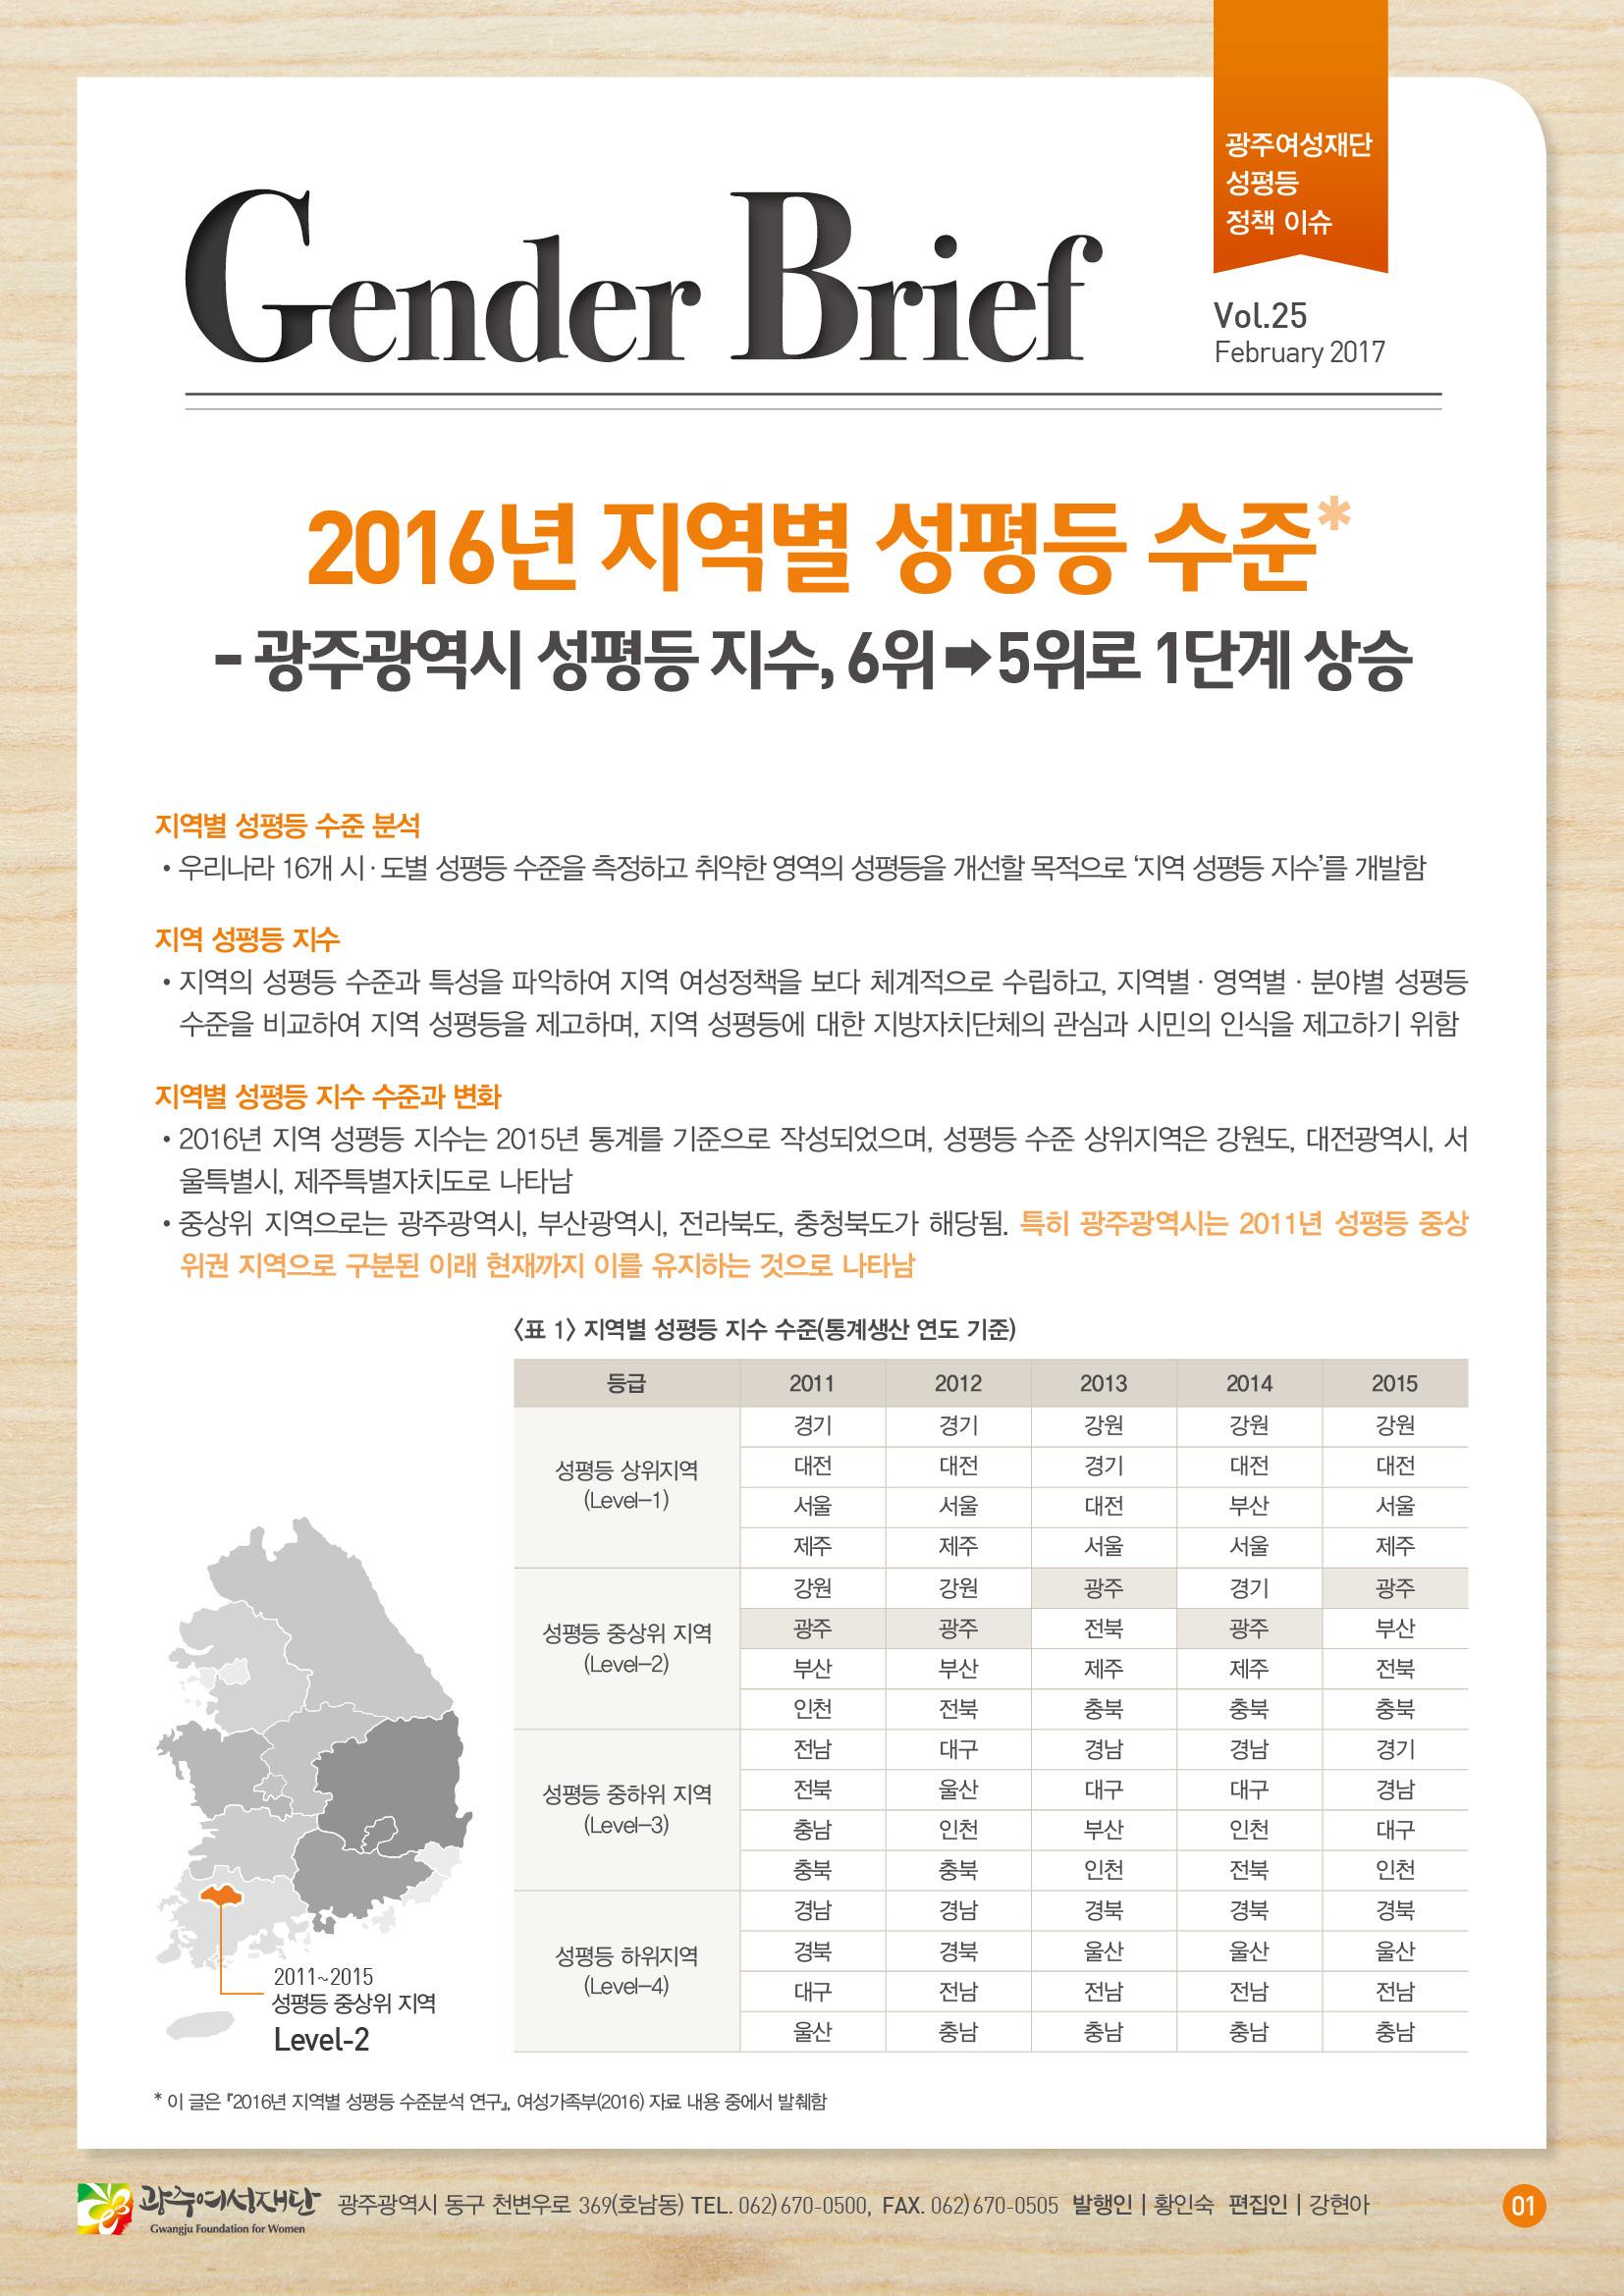 젠더브리프 제25호-광주광역시 성평등 지수, 6위 →5위로 1단계 상승